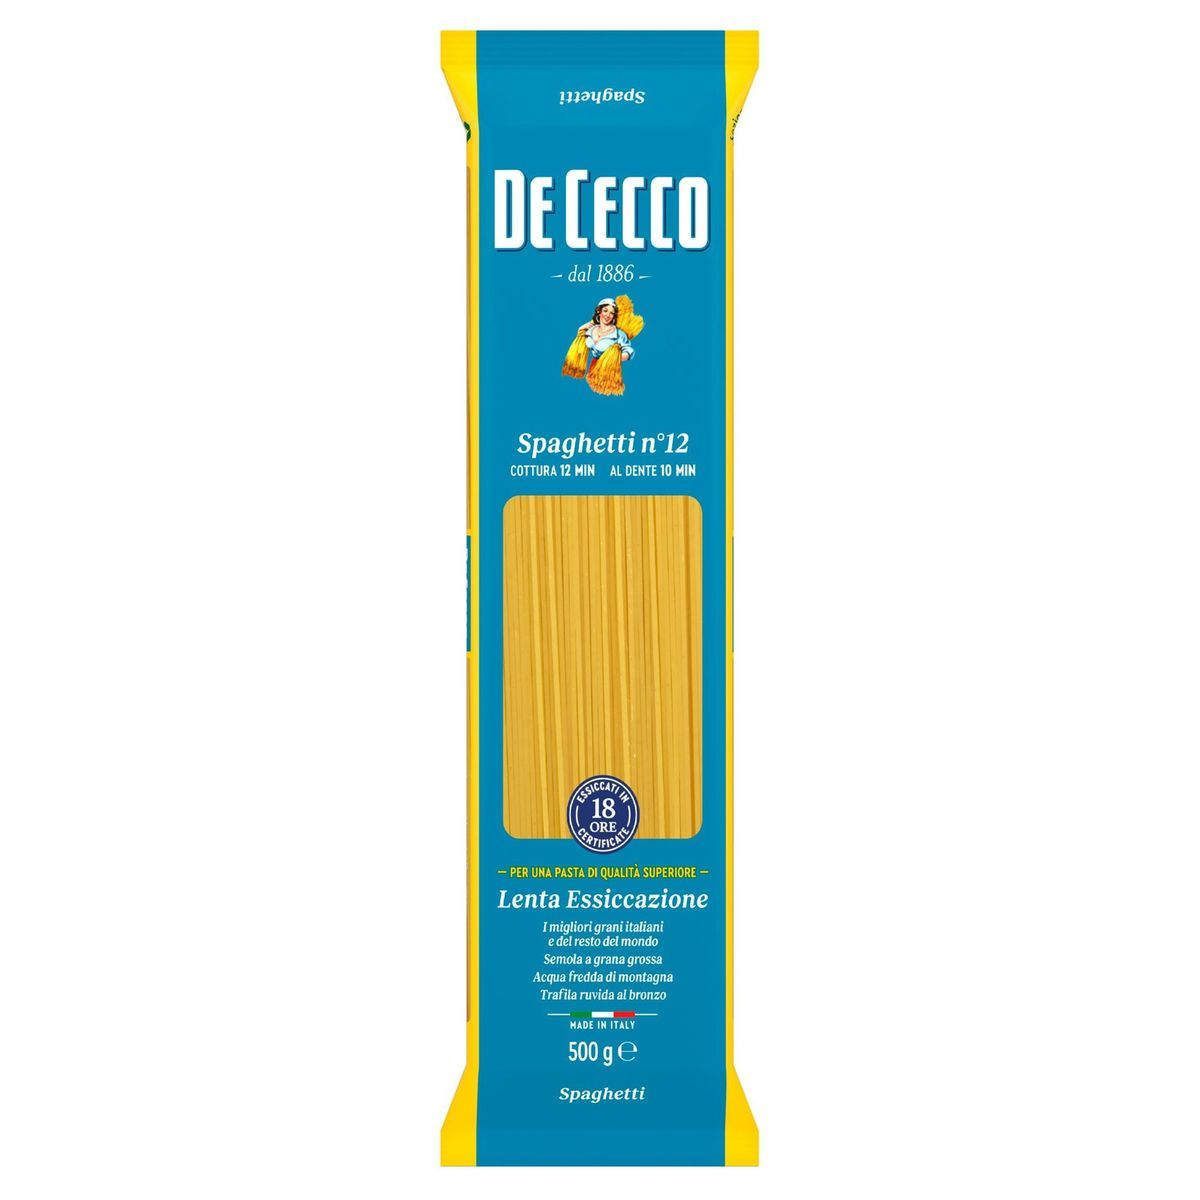 De Cecco Spaghetti n°12 500 g